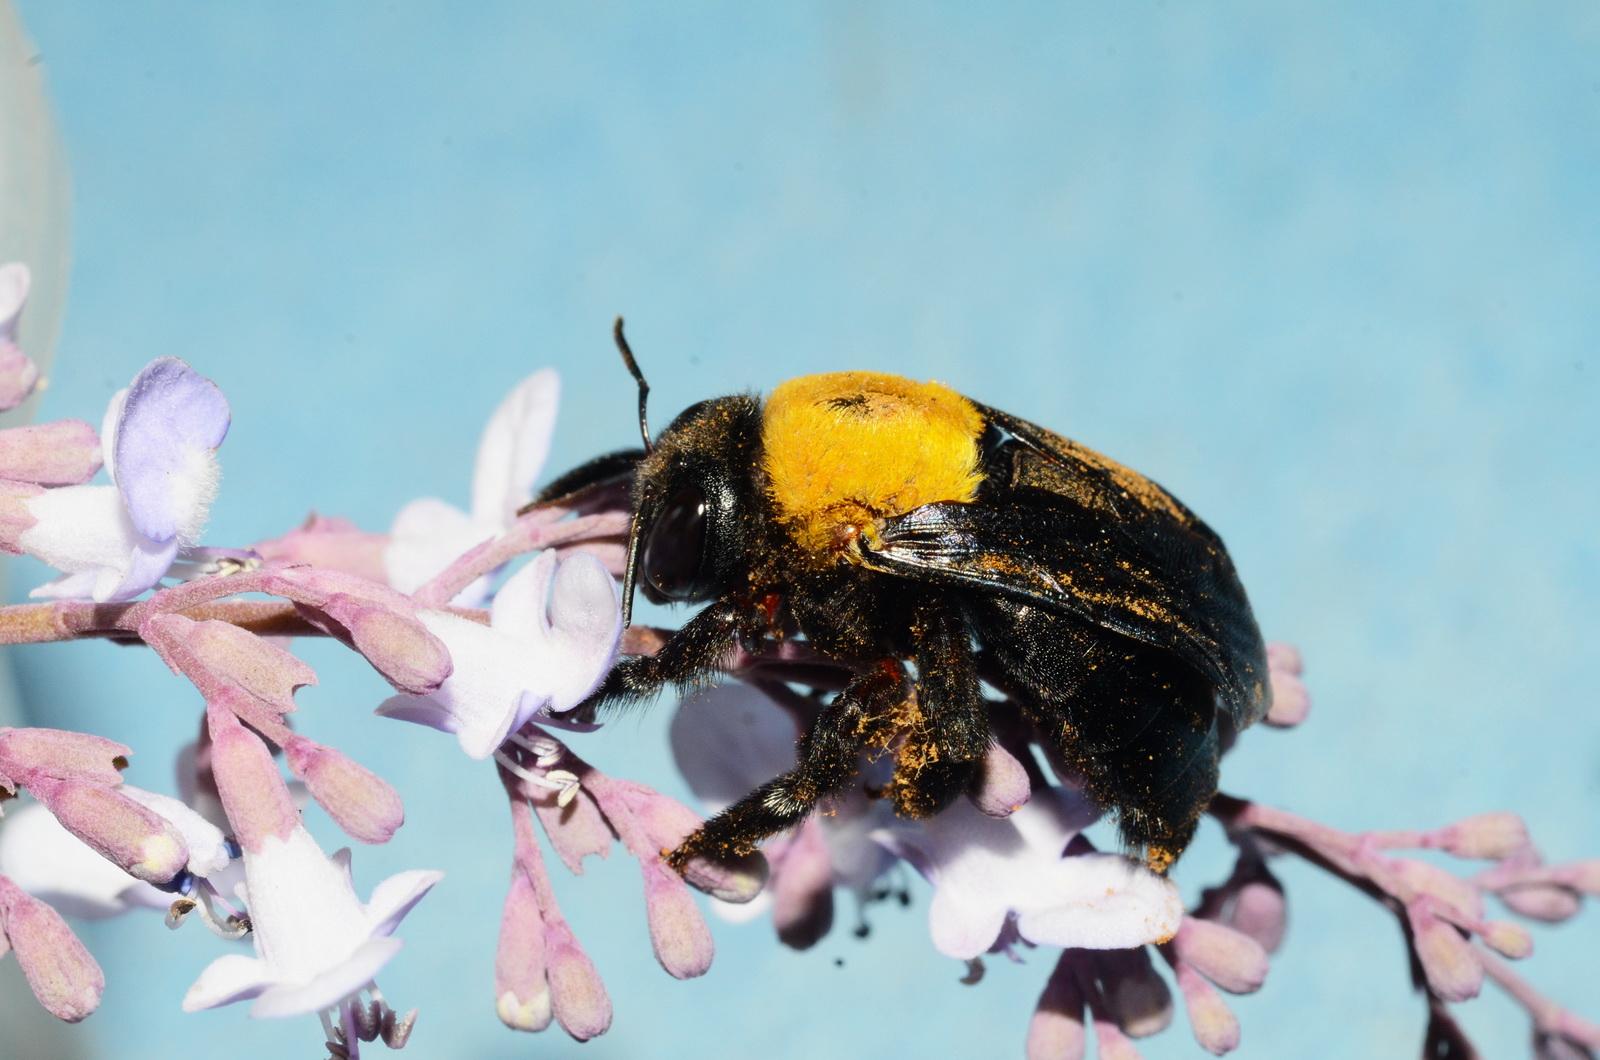 דבורת העץ הצהובה אוספת צוף פרחים